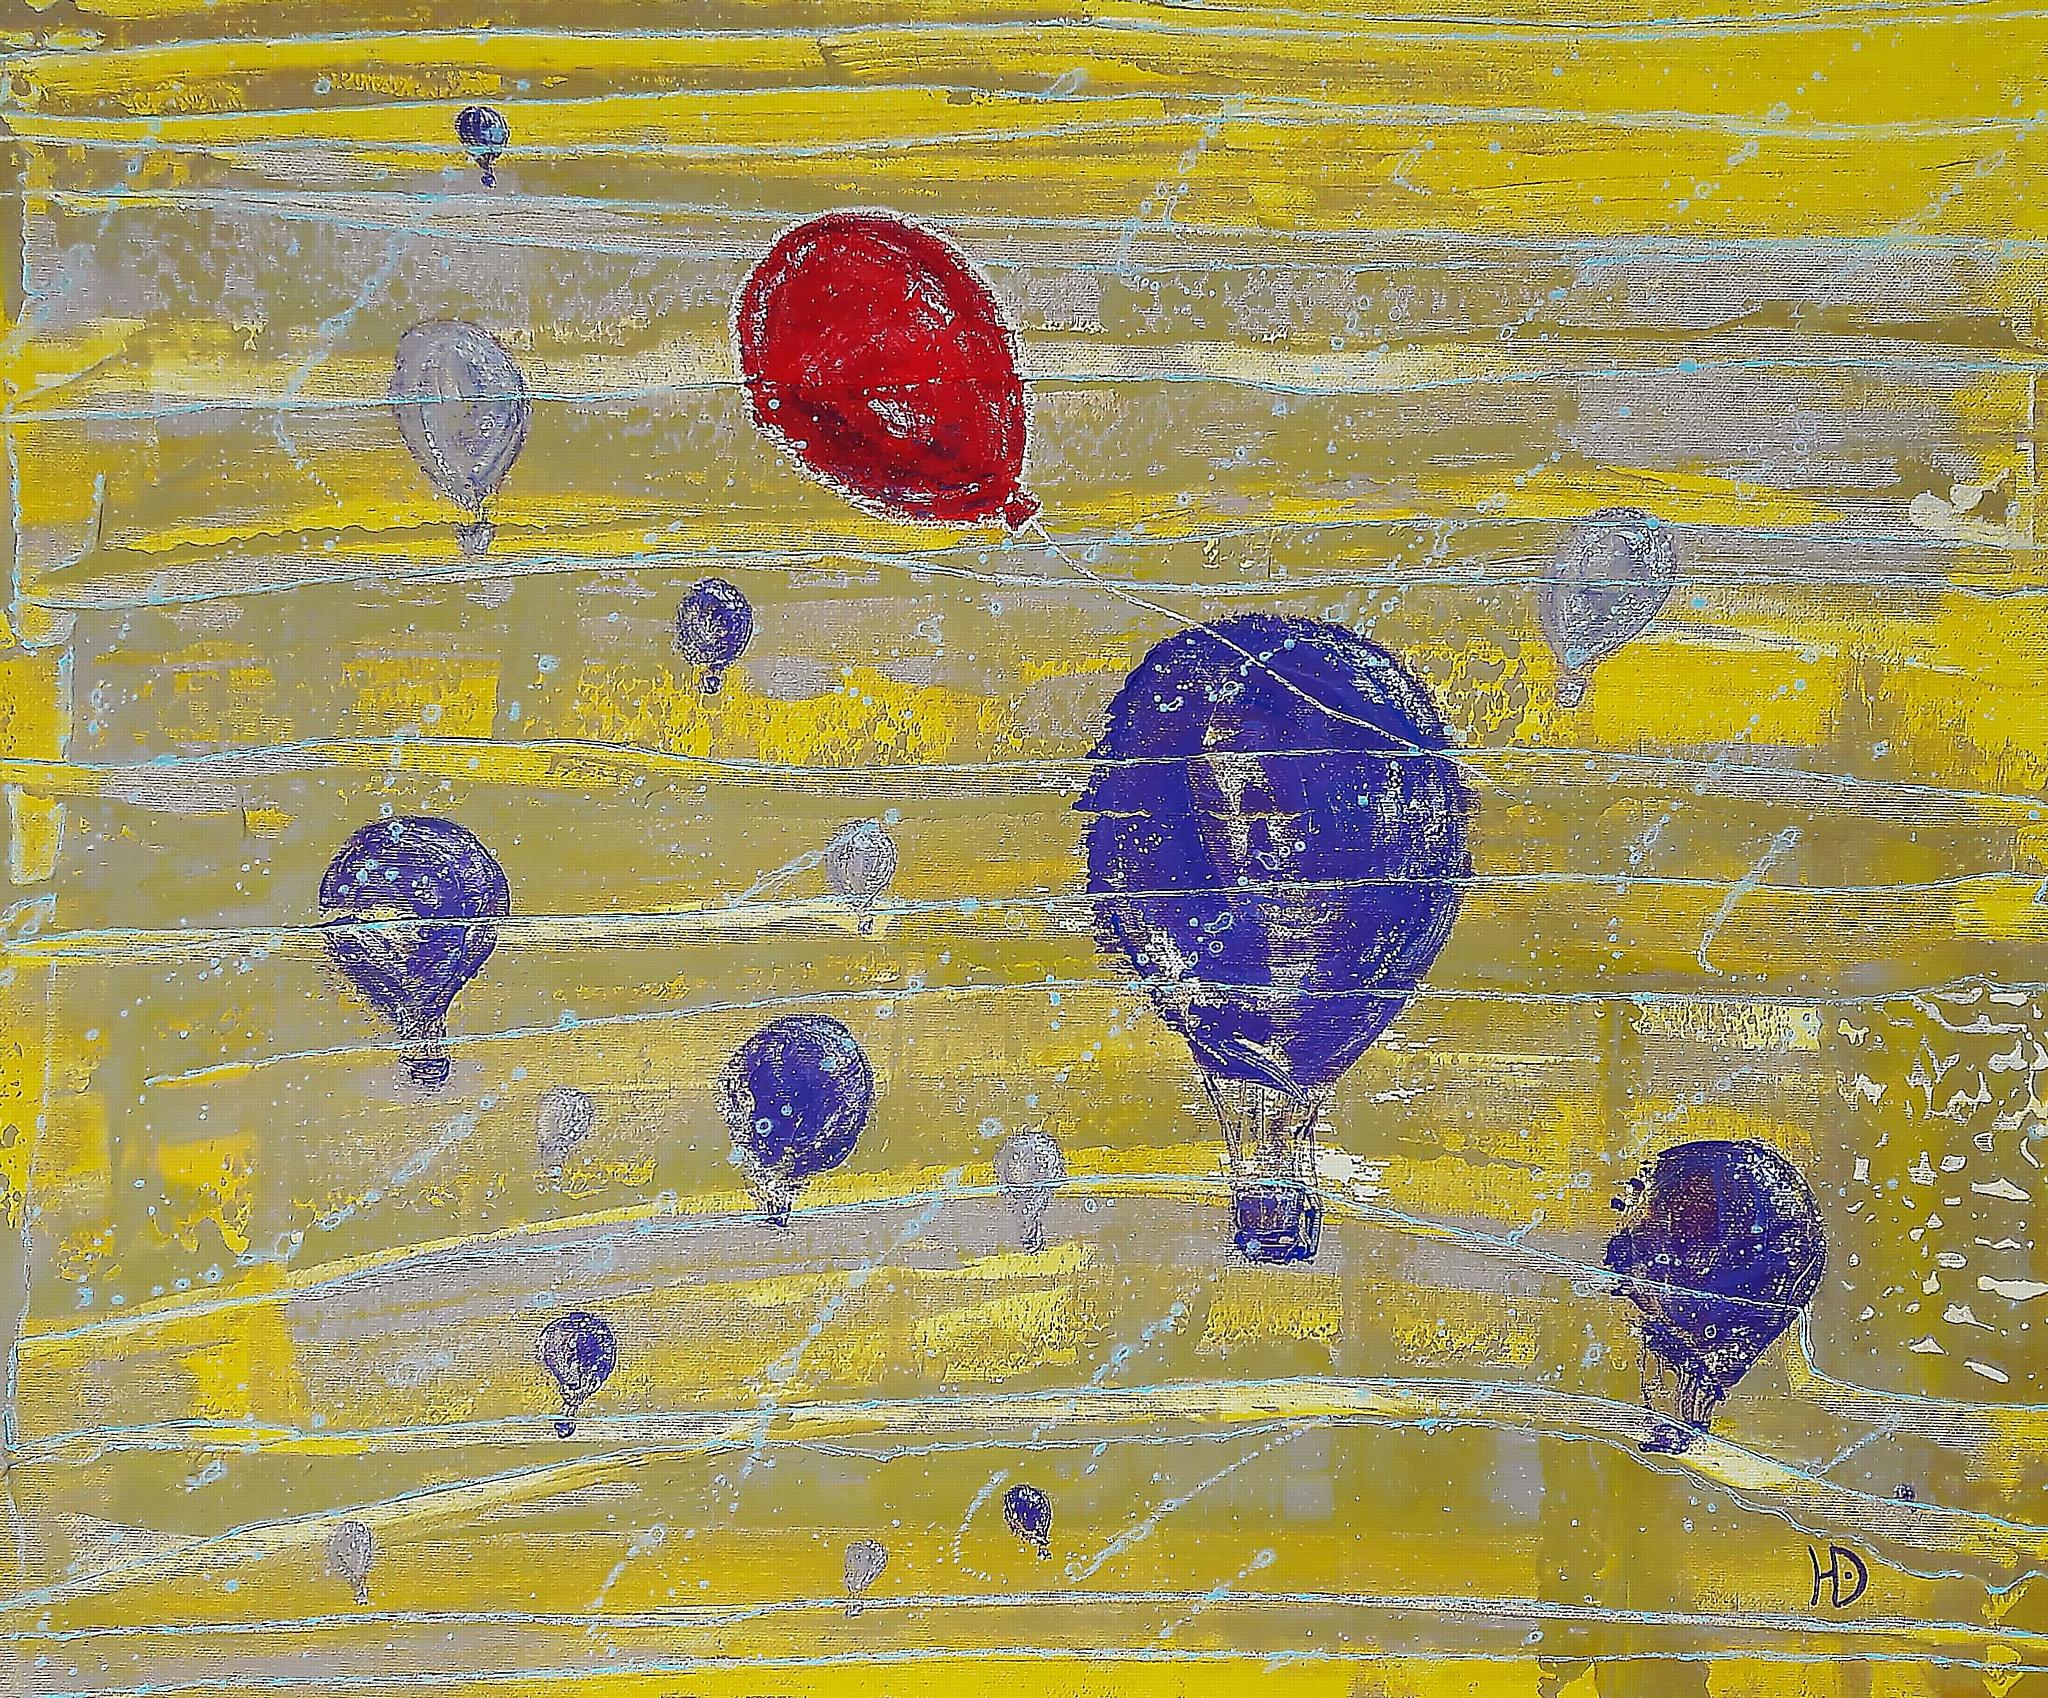 Художник Юлия Ерохина - яркий представитель экспрессионизма в современной живописи